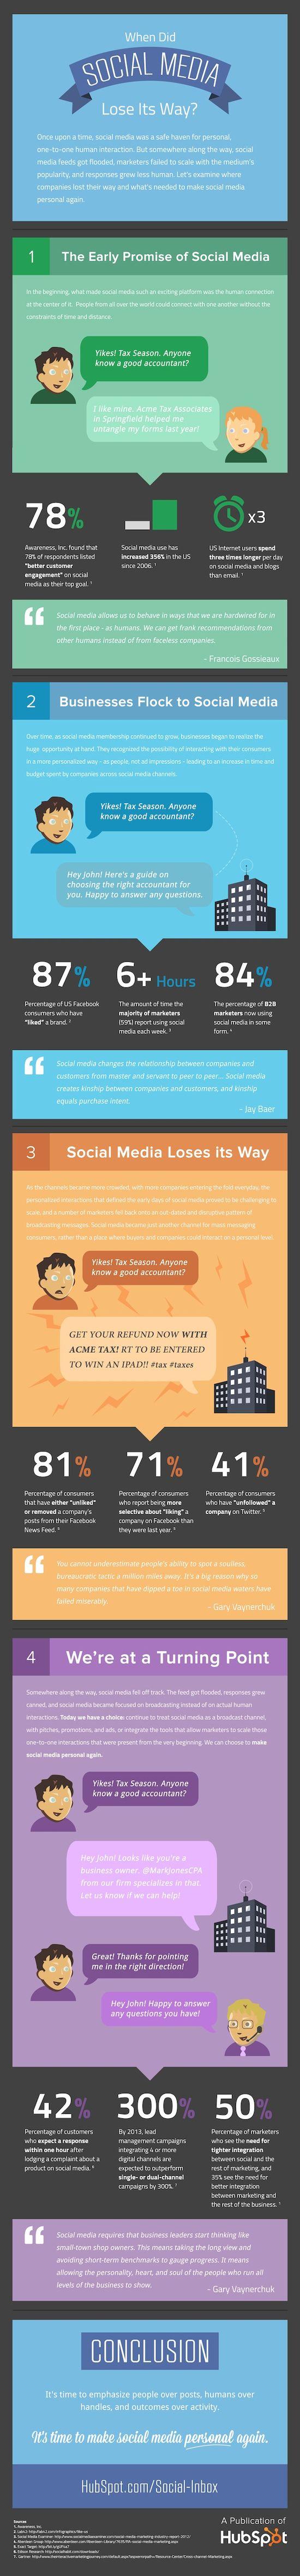 When Did Social Media Lose Its Way